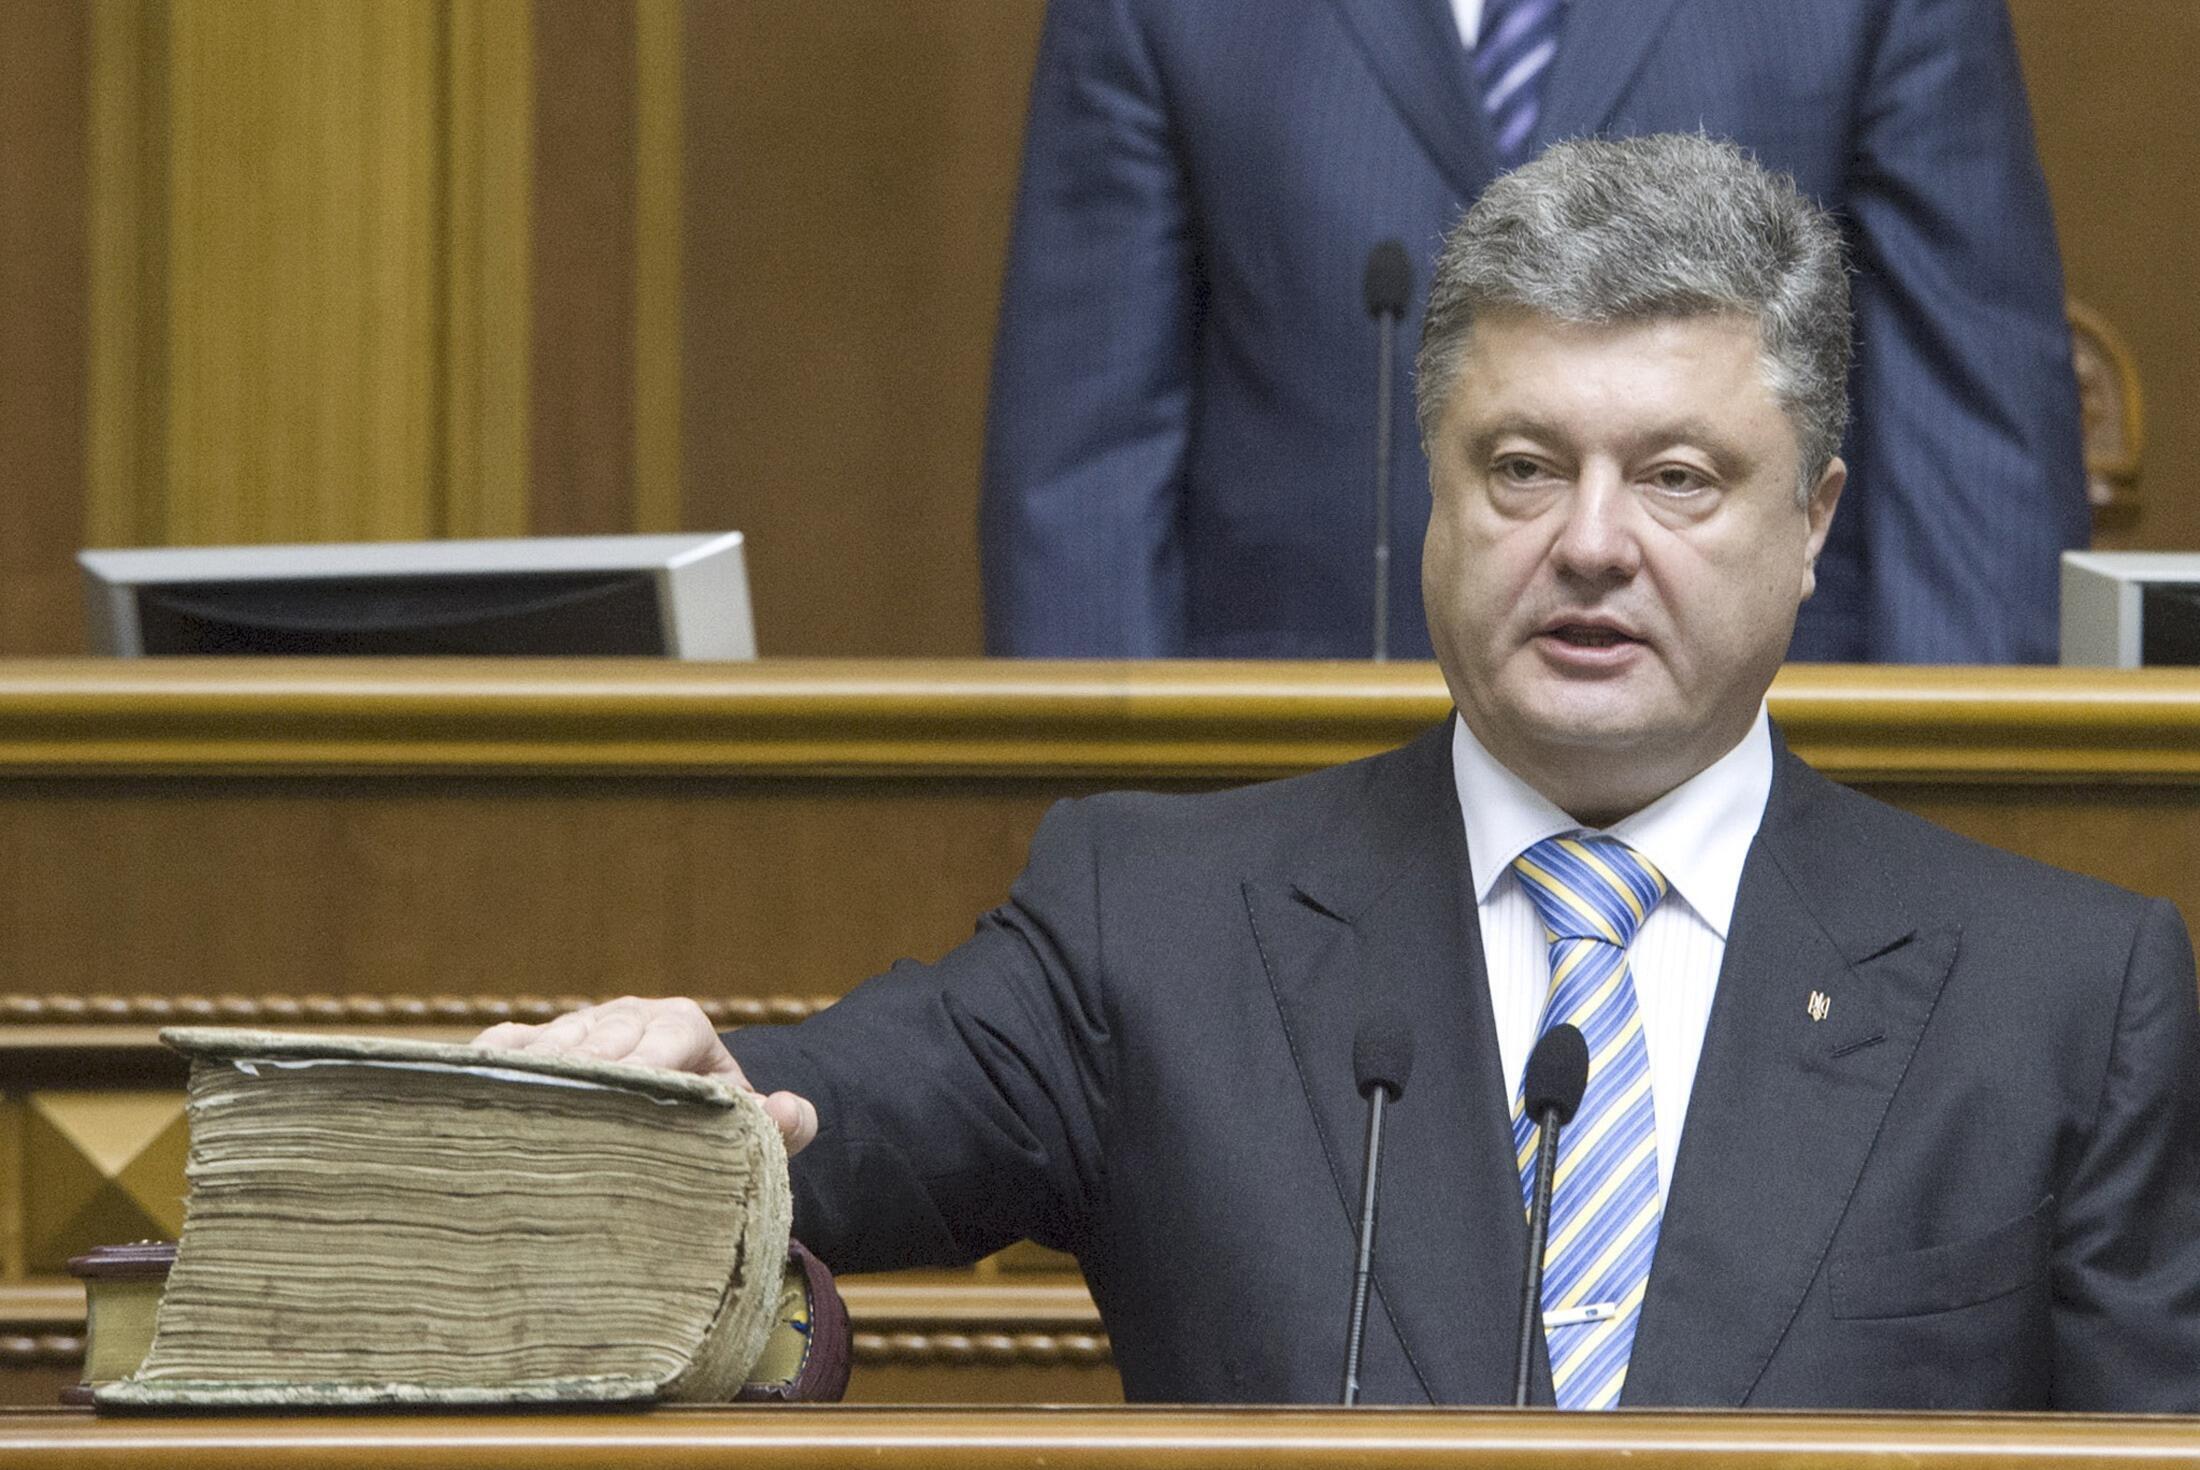 Петр Порошенко приносит присягу на церемонии инаугурации 7 июня 2014 г